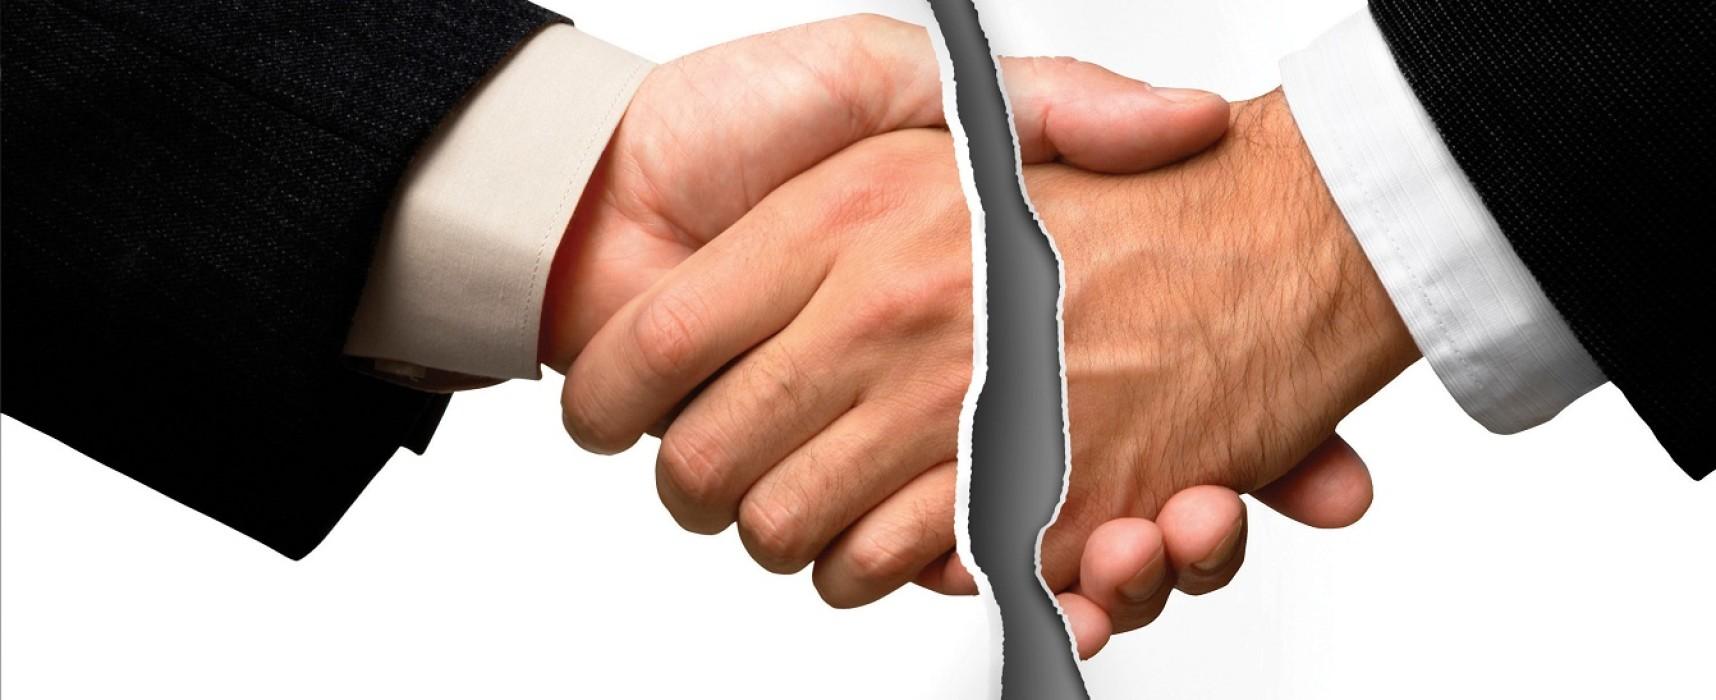 Возможность расторгнуть трудовые правоотношения, заключив дополнительное соглашение